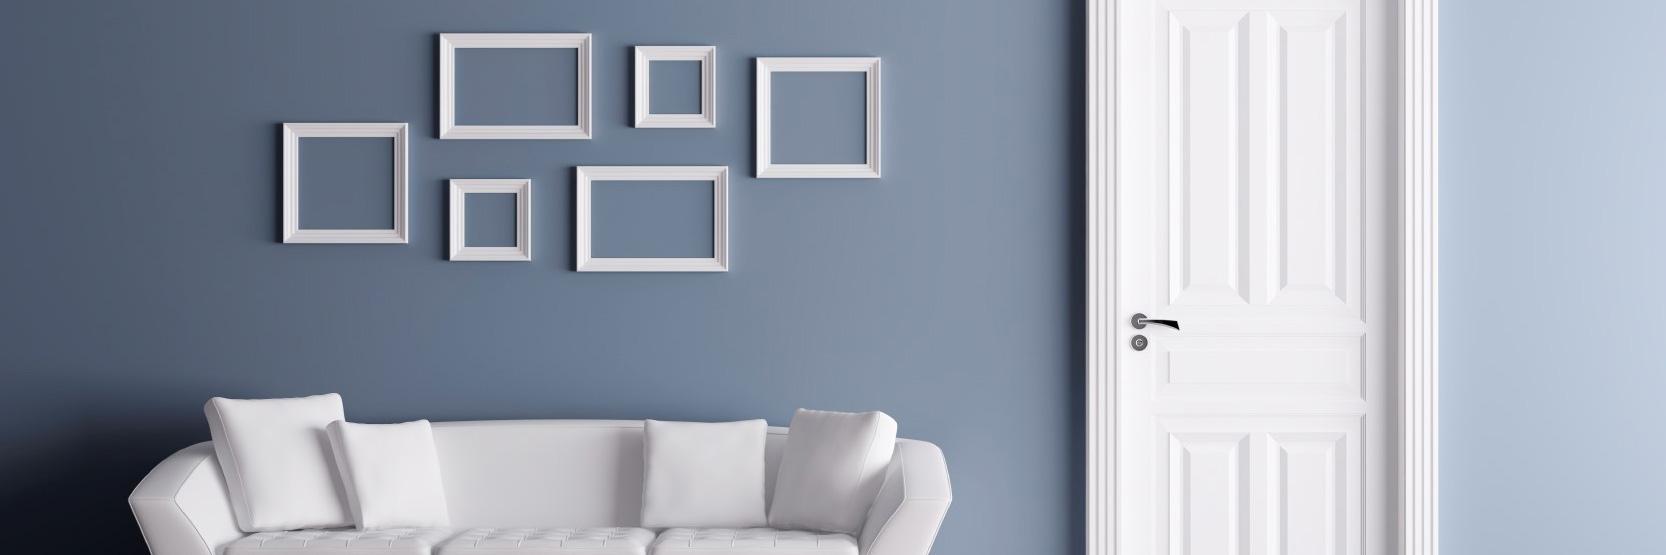 استعرض صورك في المنزل بثمان طرق جذابة ومختلفة